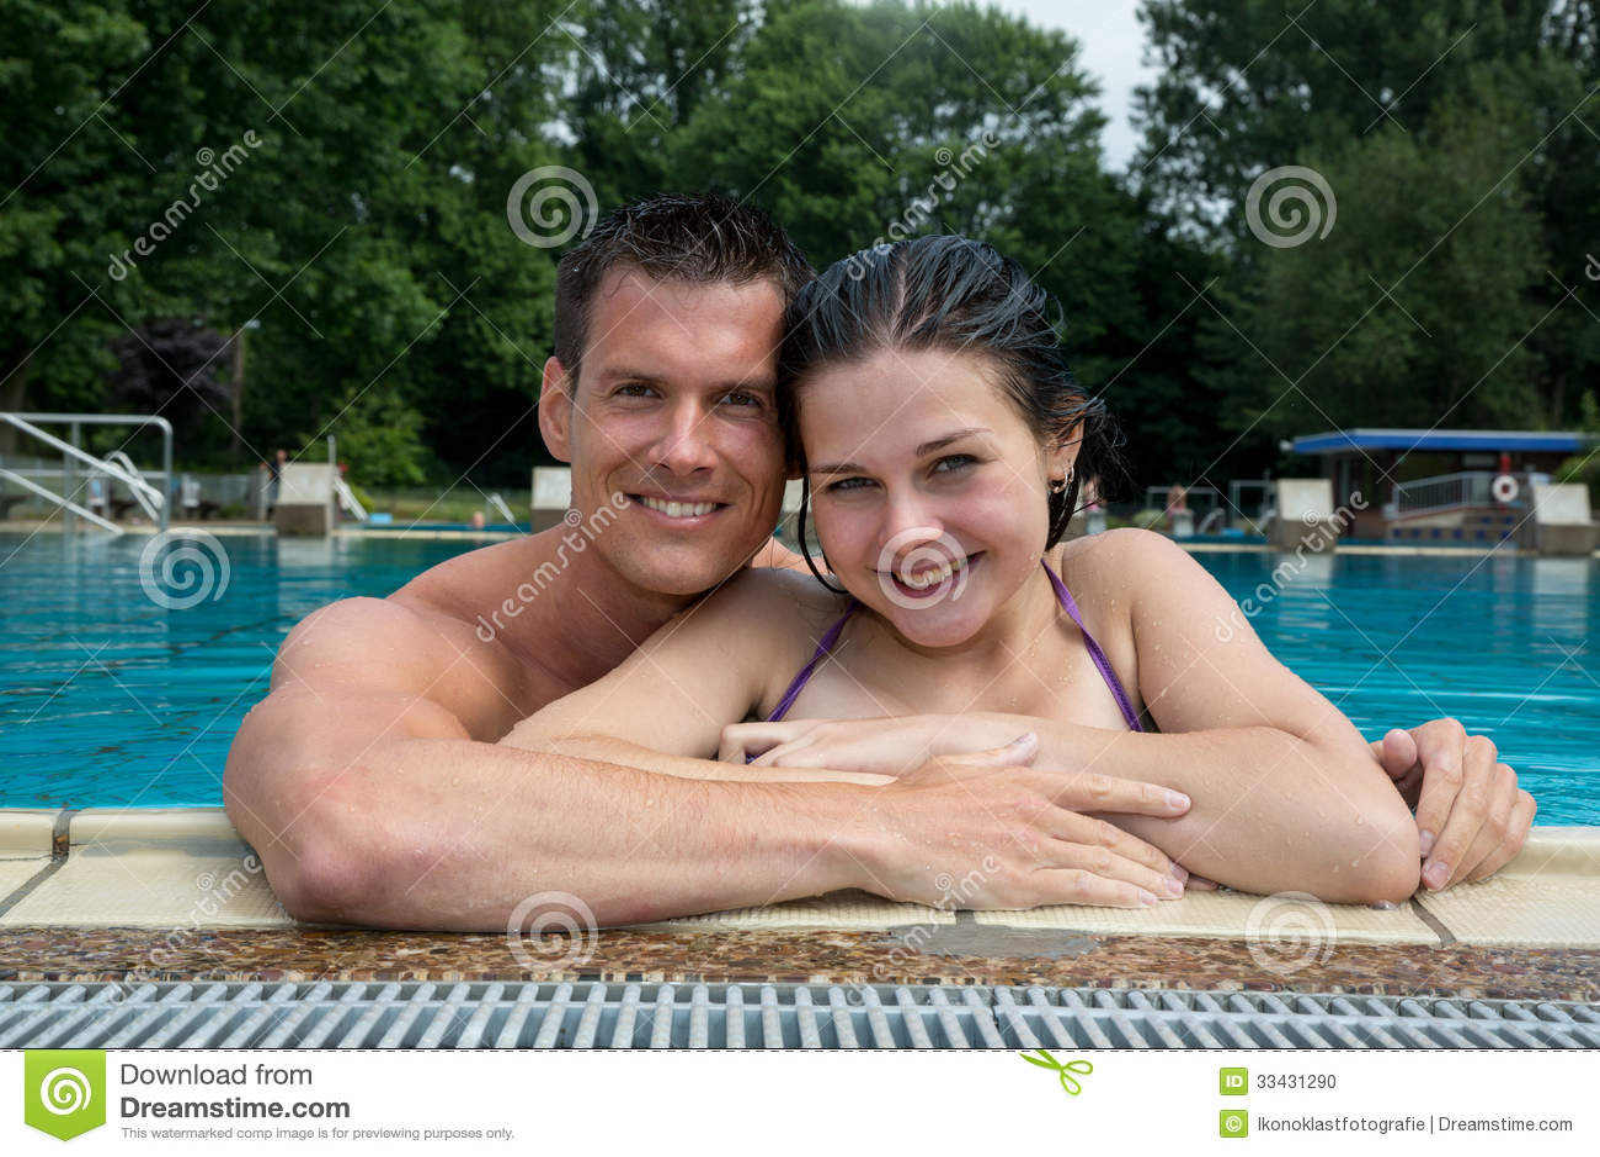 Couple Enjoying Holidays At Pool Edge Stock Photo Image 33431290